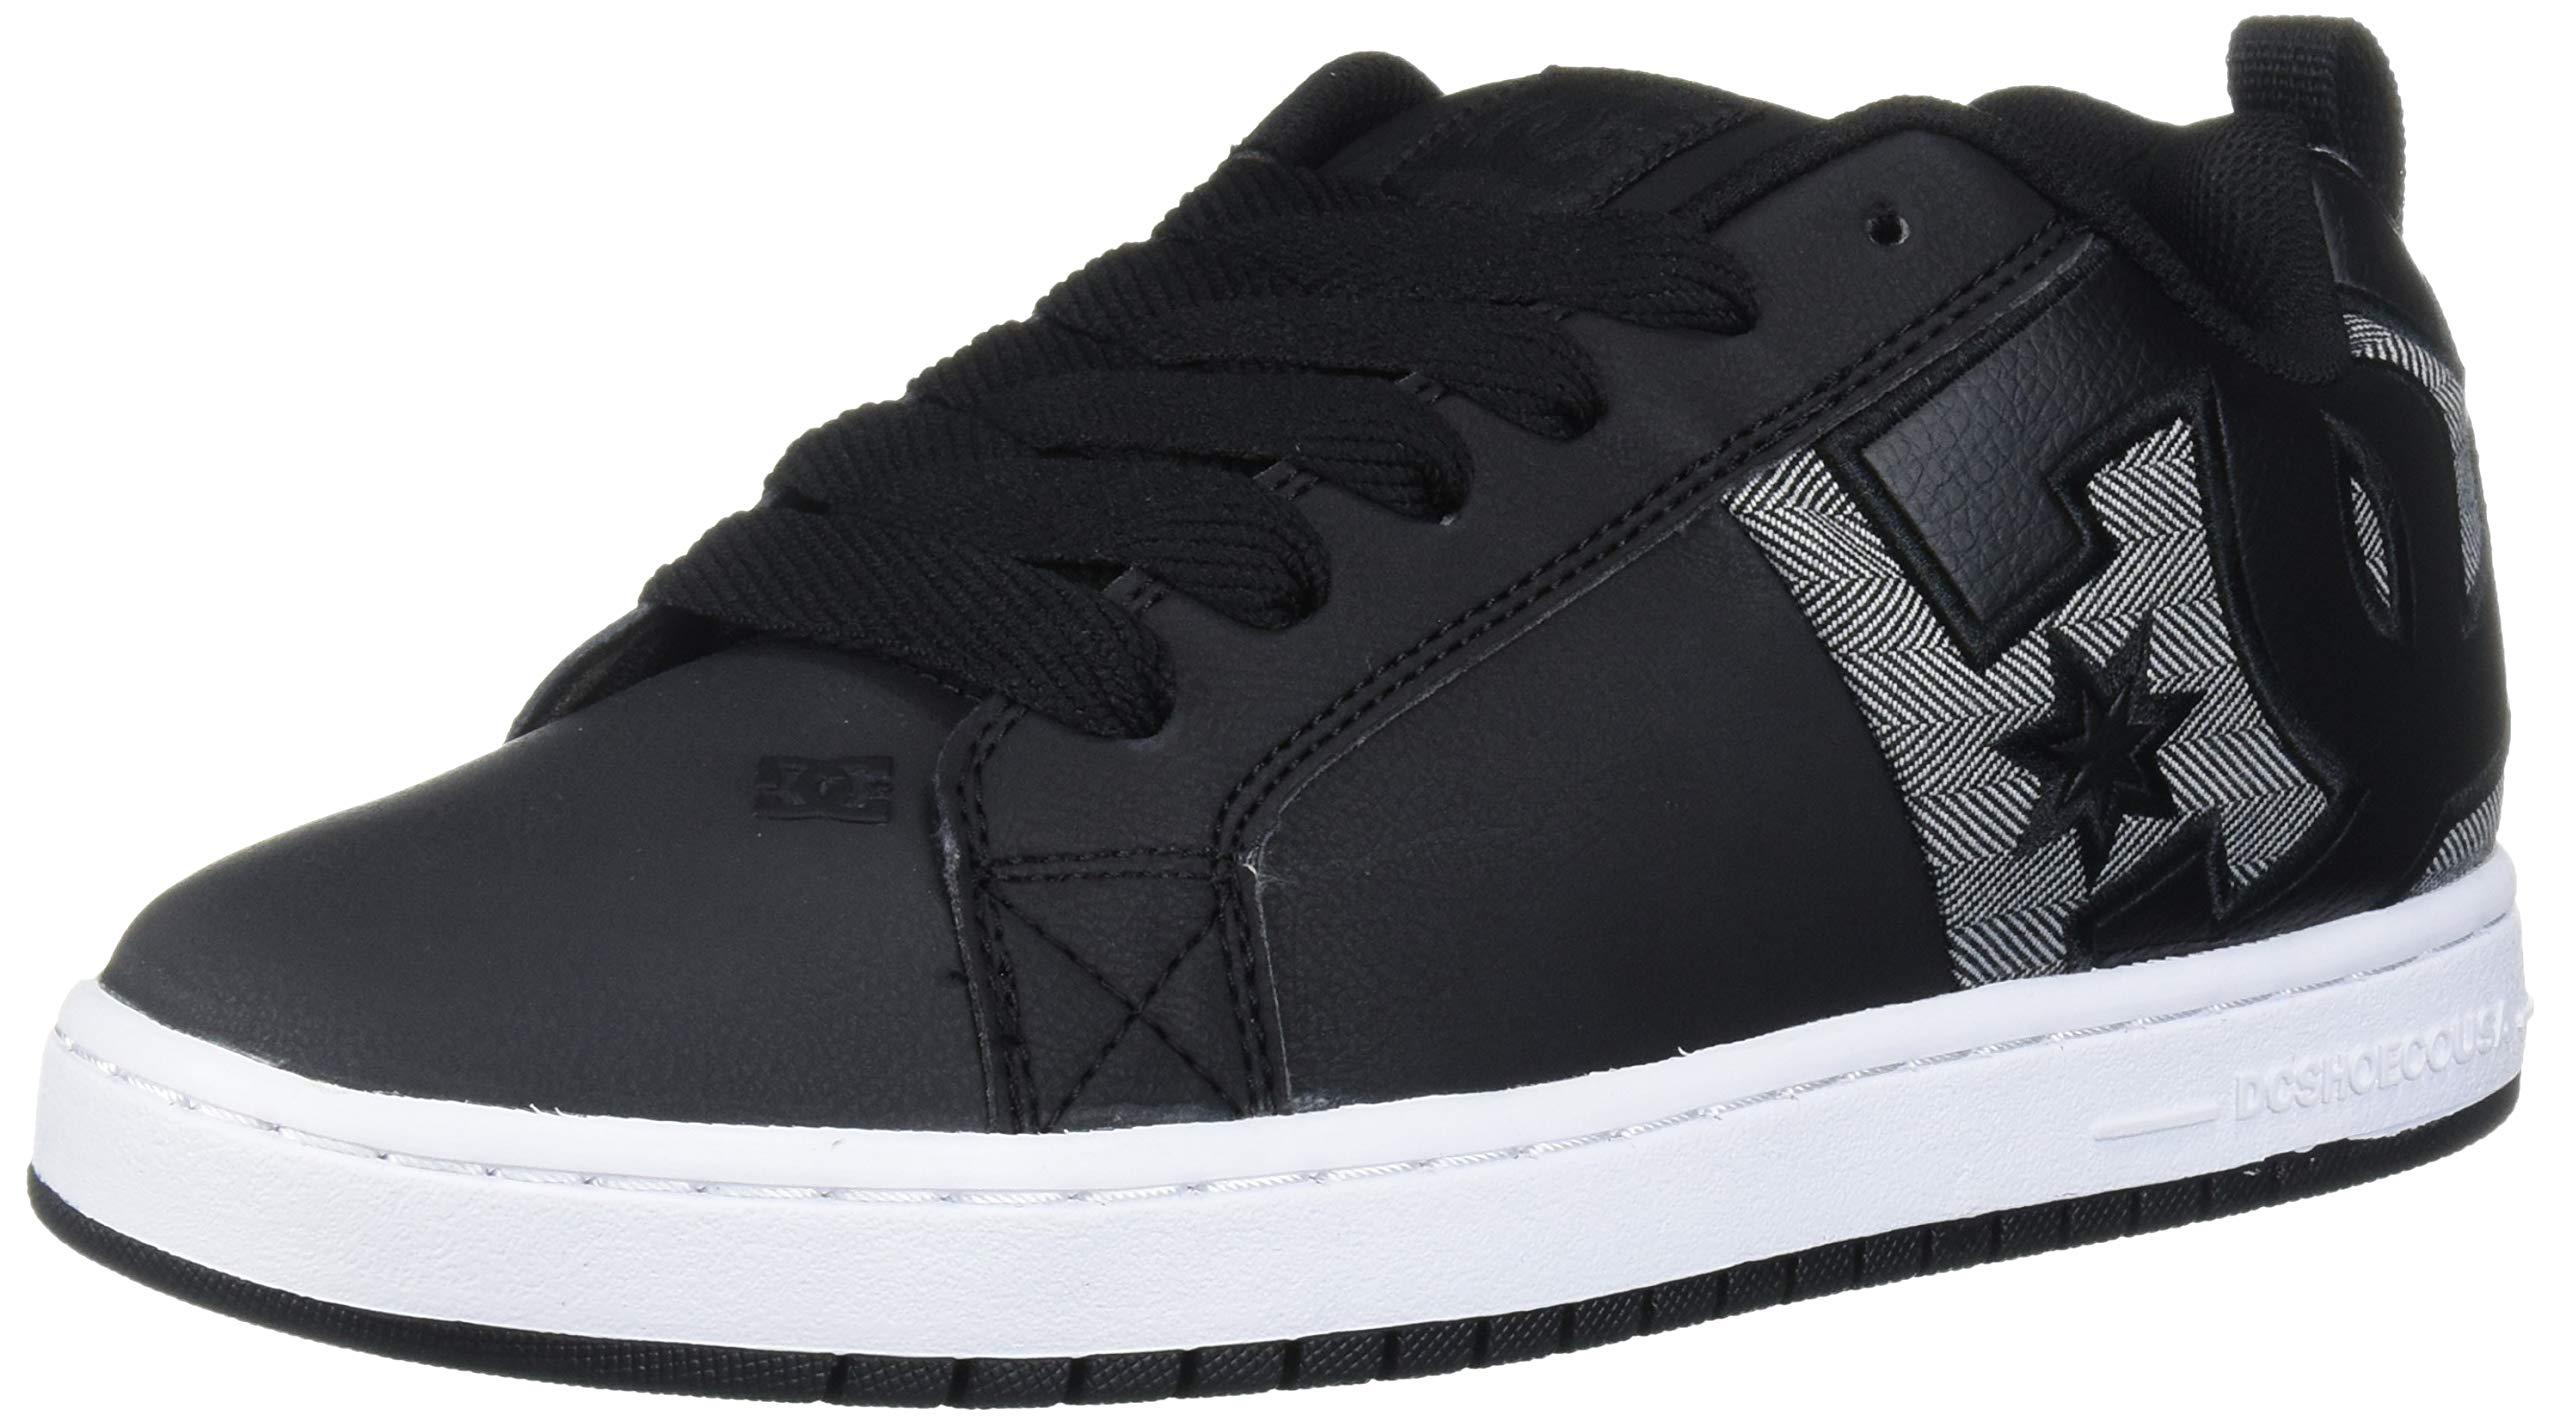 DC Men's Court Graffik SQ Skate Shoe, Black/Heather Grey, 11 D M US by DC